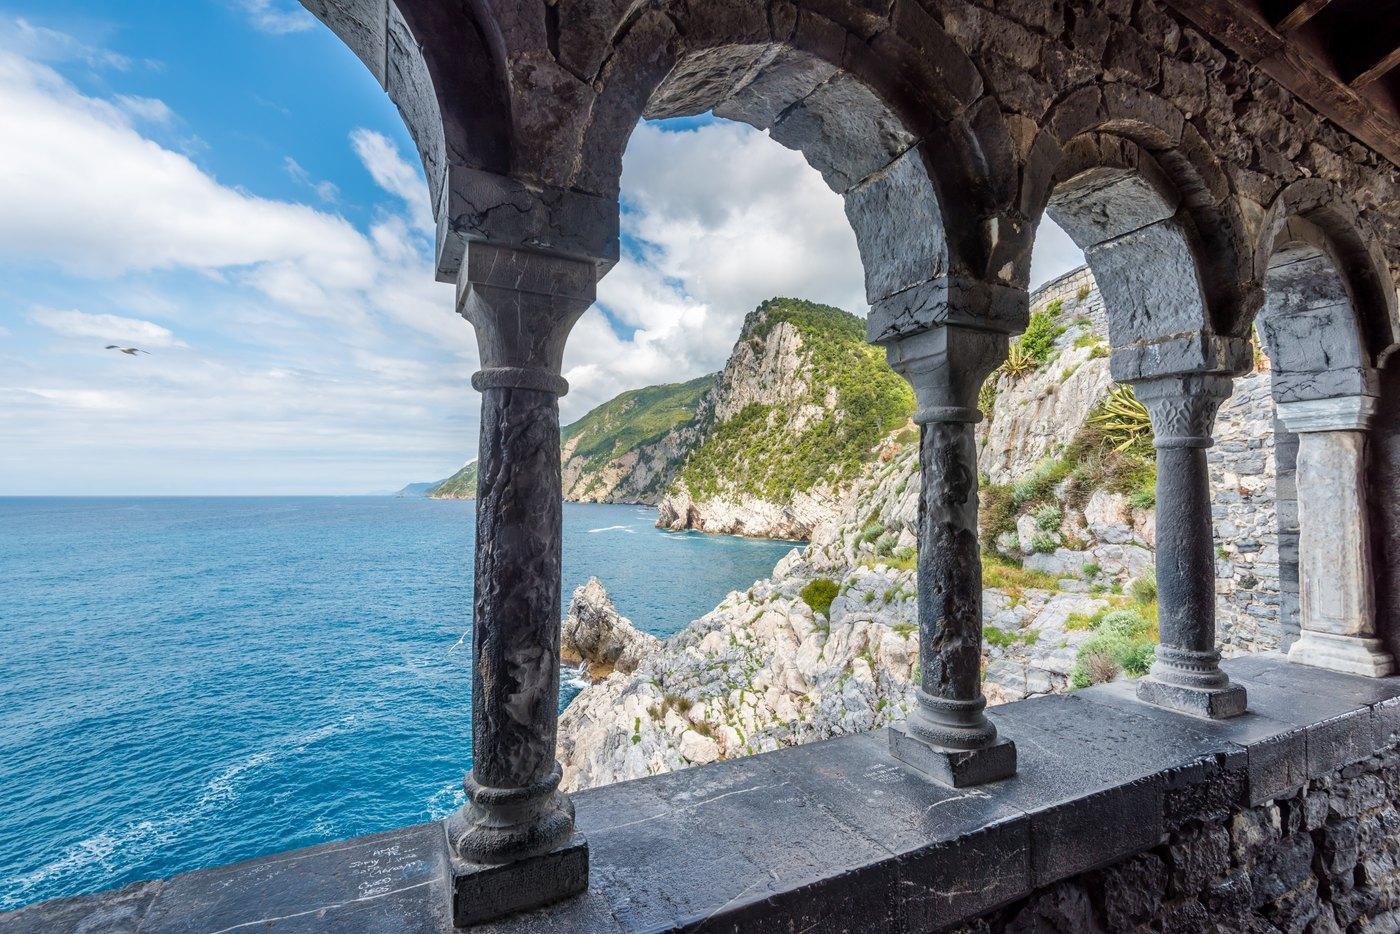 Photo Tour of Italy 10